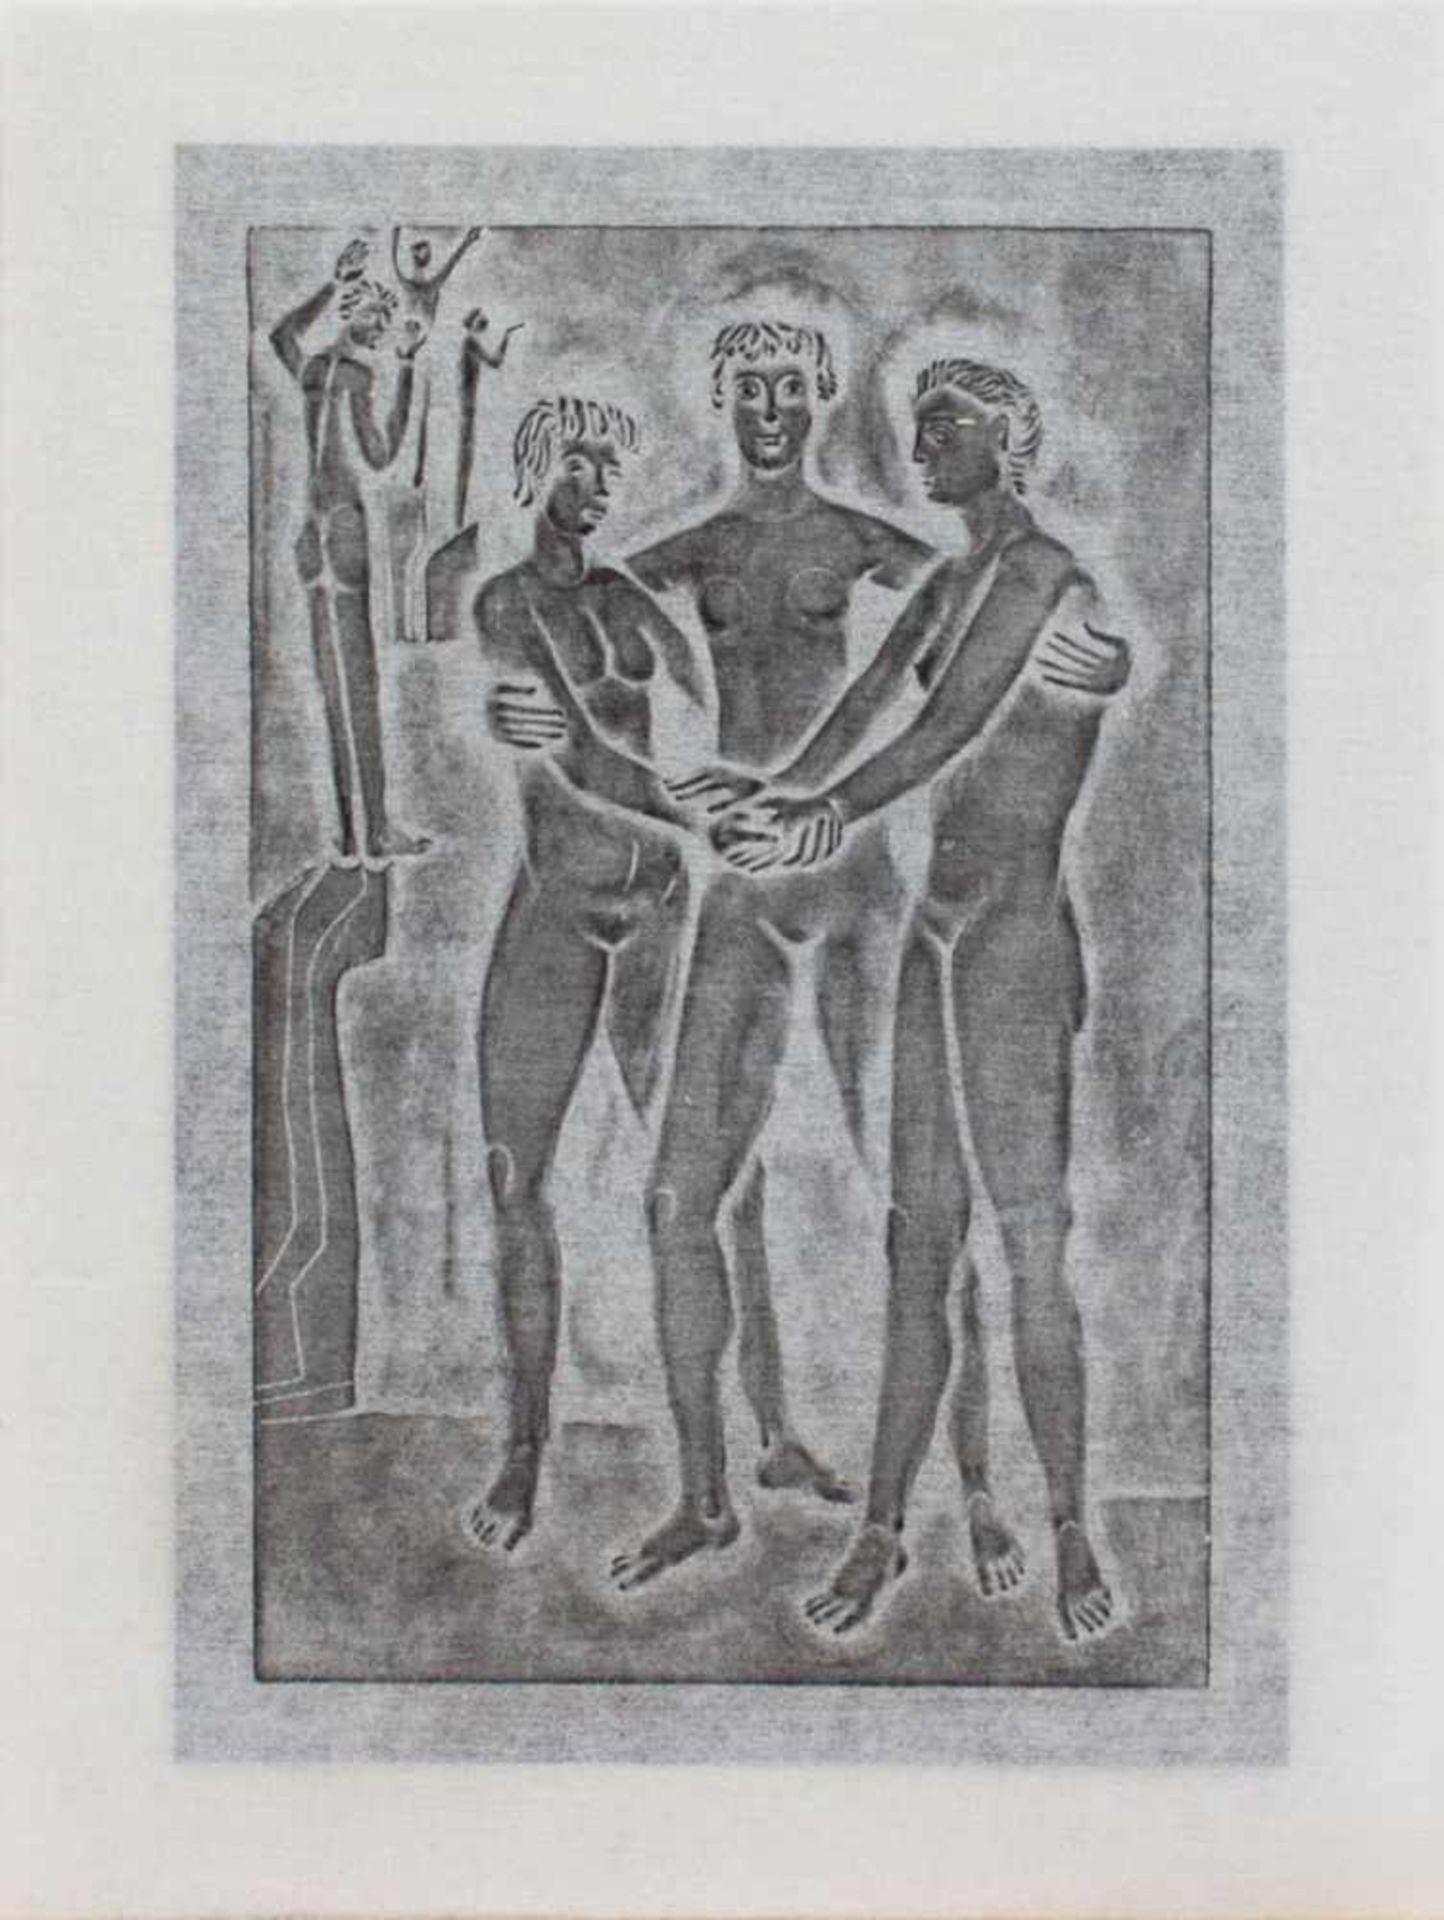 Karl Müller(Bittkau 1929 - ? Salzwedel, deutscher Gebrauchsgrafiker, Std. a.d. FS f. angewandte